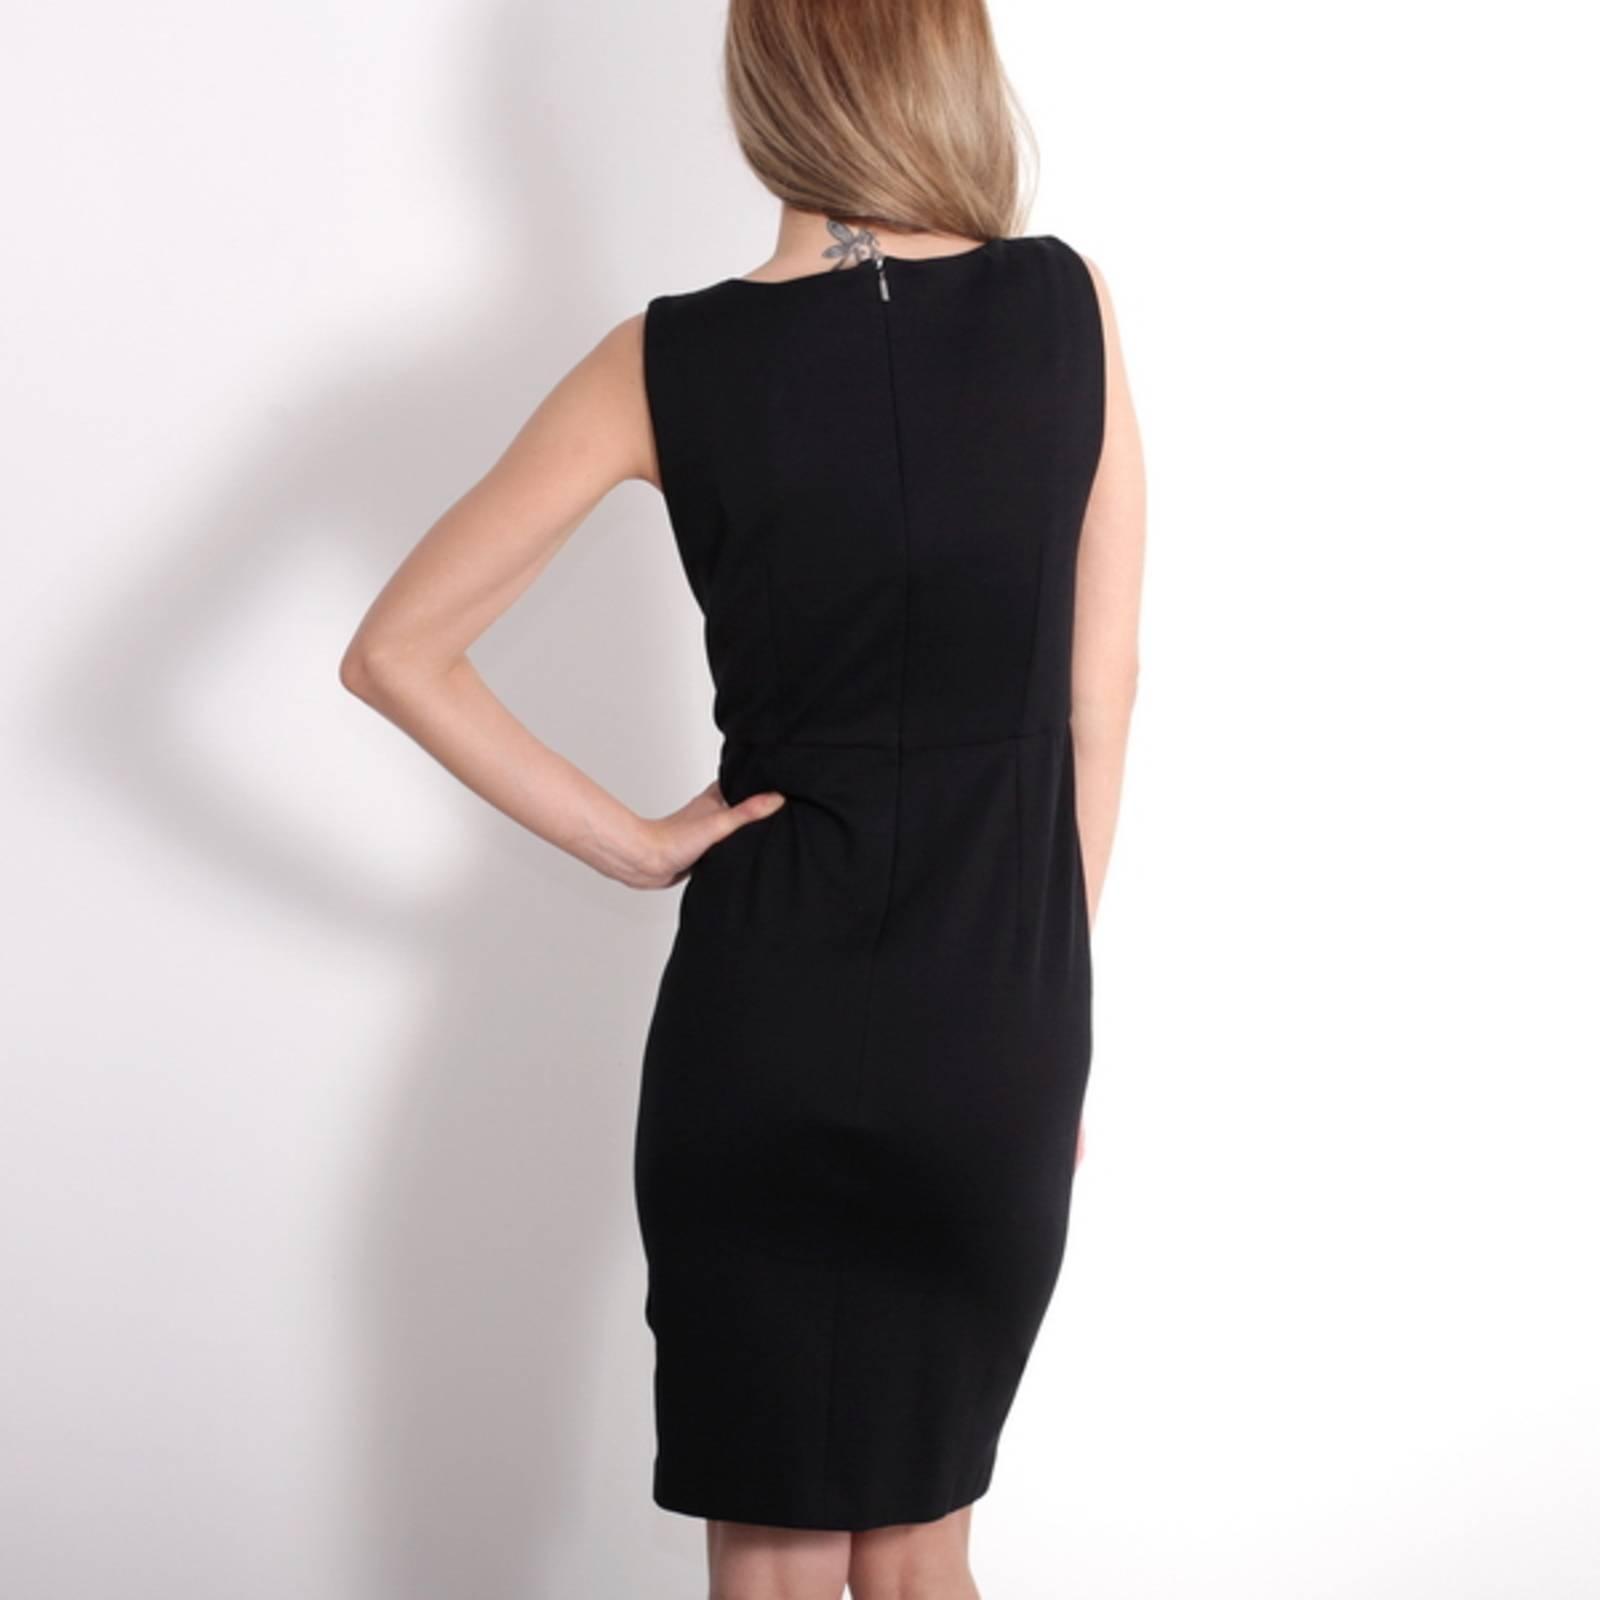 Max Mara для женщин платья одежда и аксессуары  купить